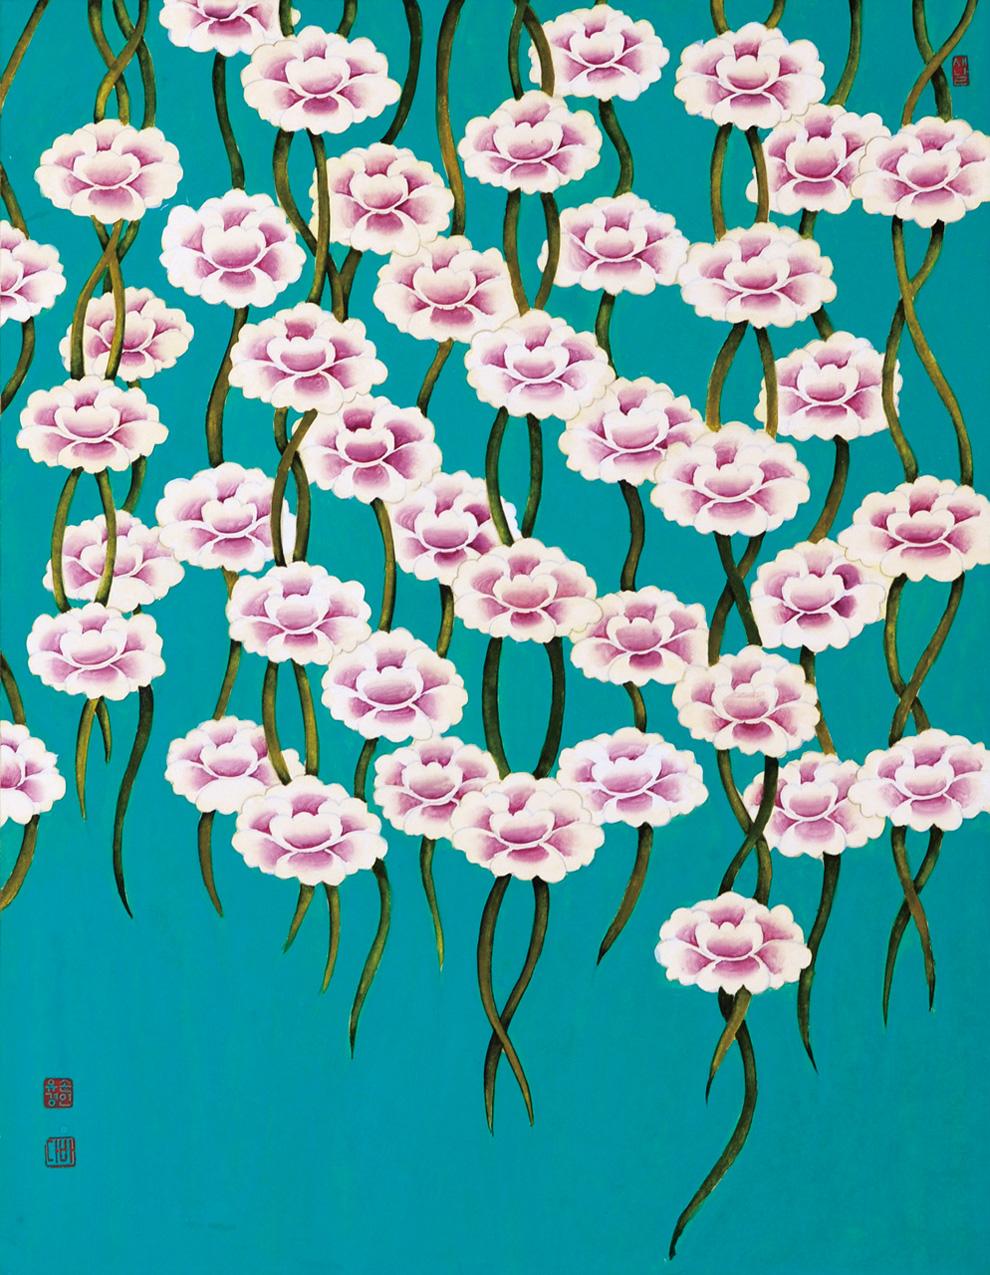 꽃비내리다